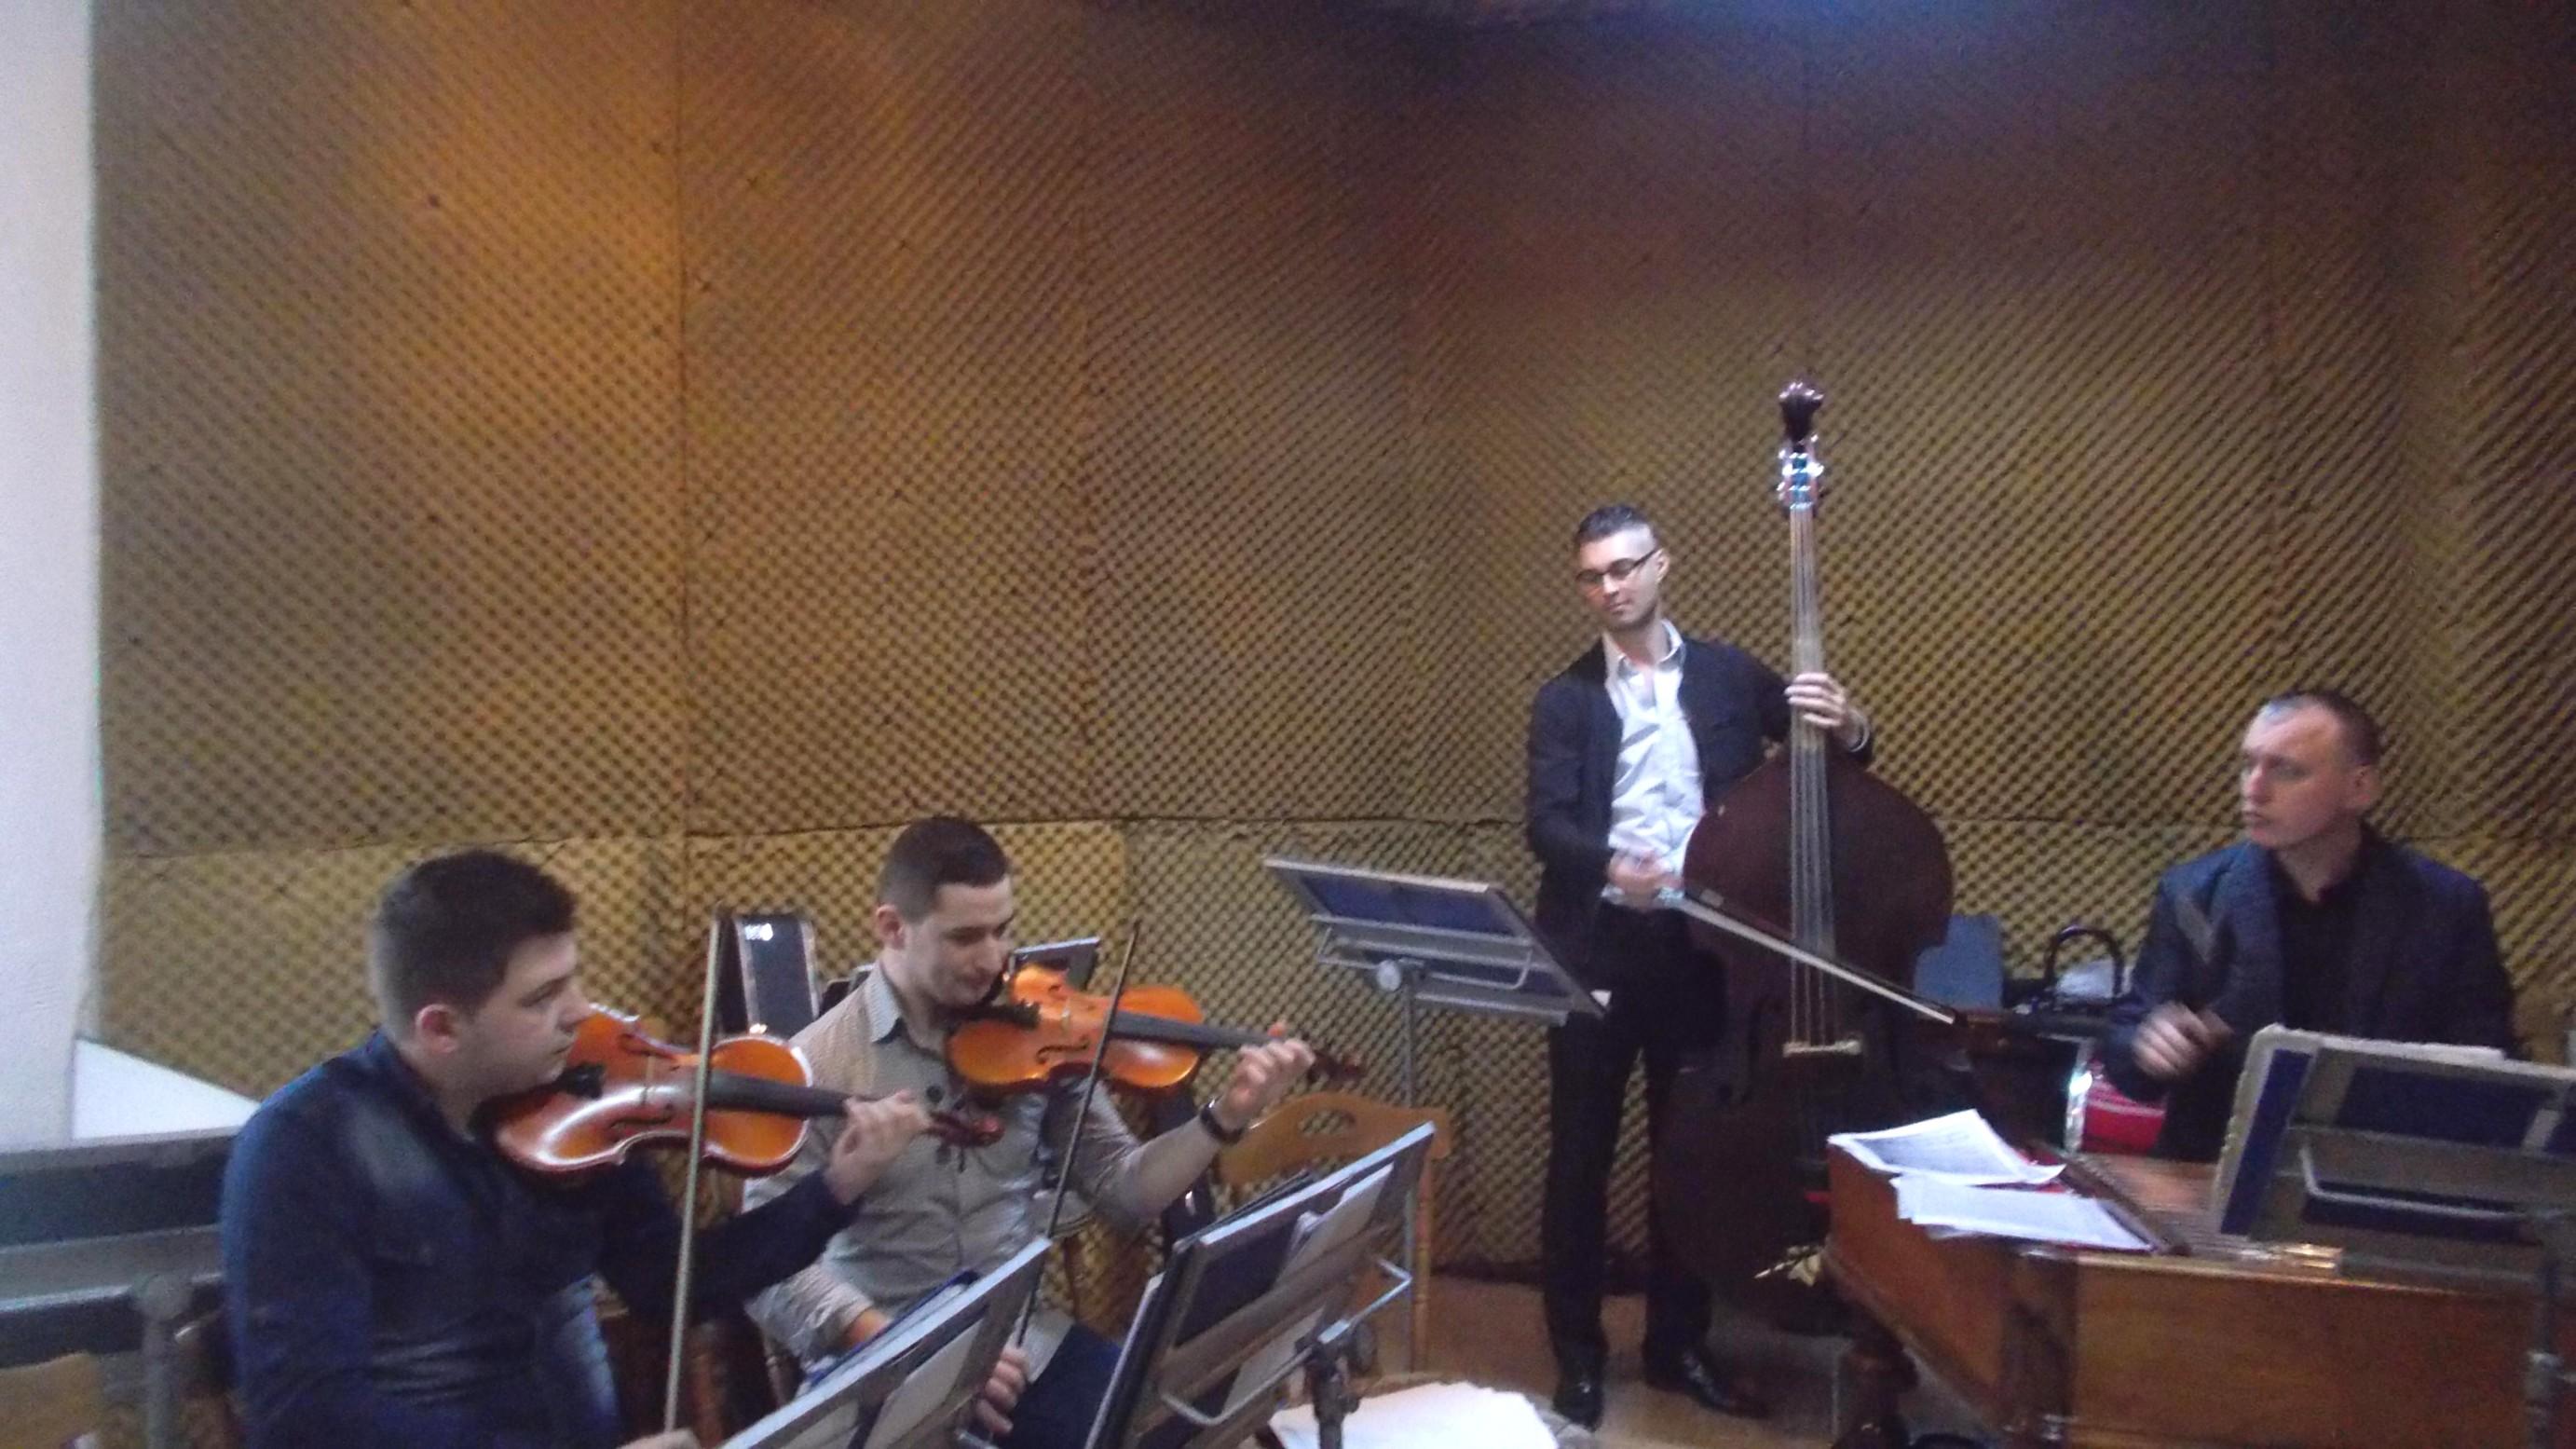 Zicălaşii Adrian Pulpă, Narcis Rotaru, Ionuţ Chitic şi Petru Oloieru